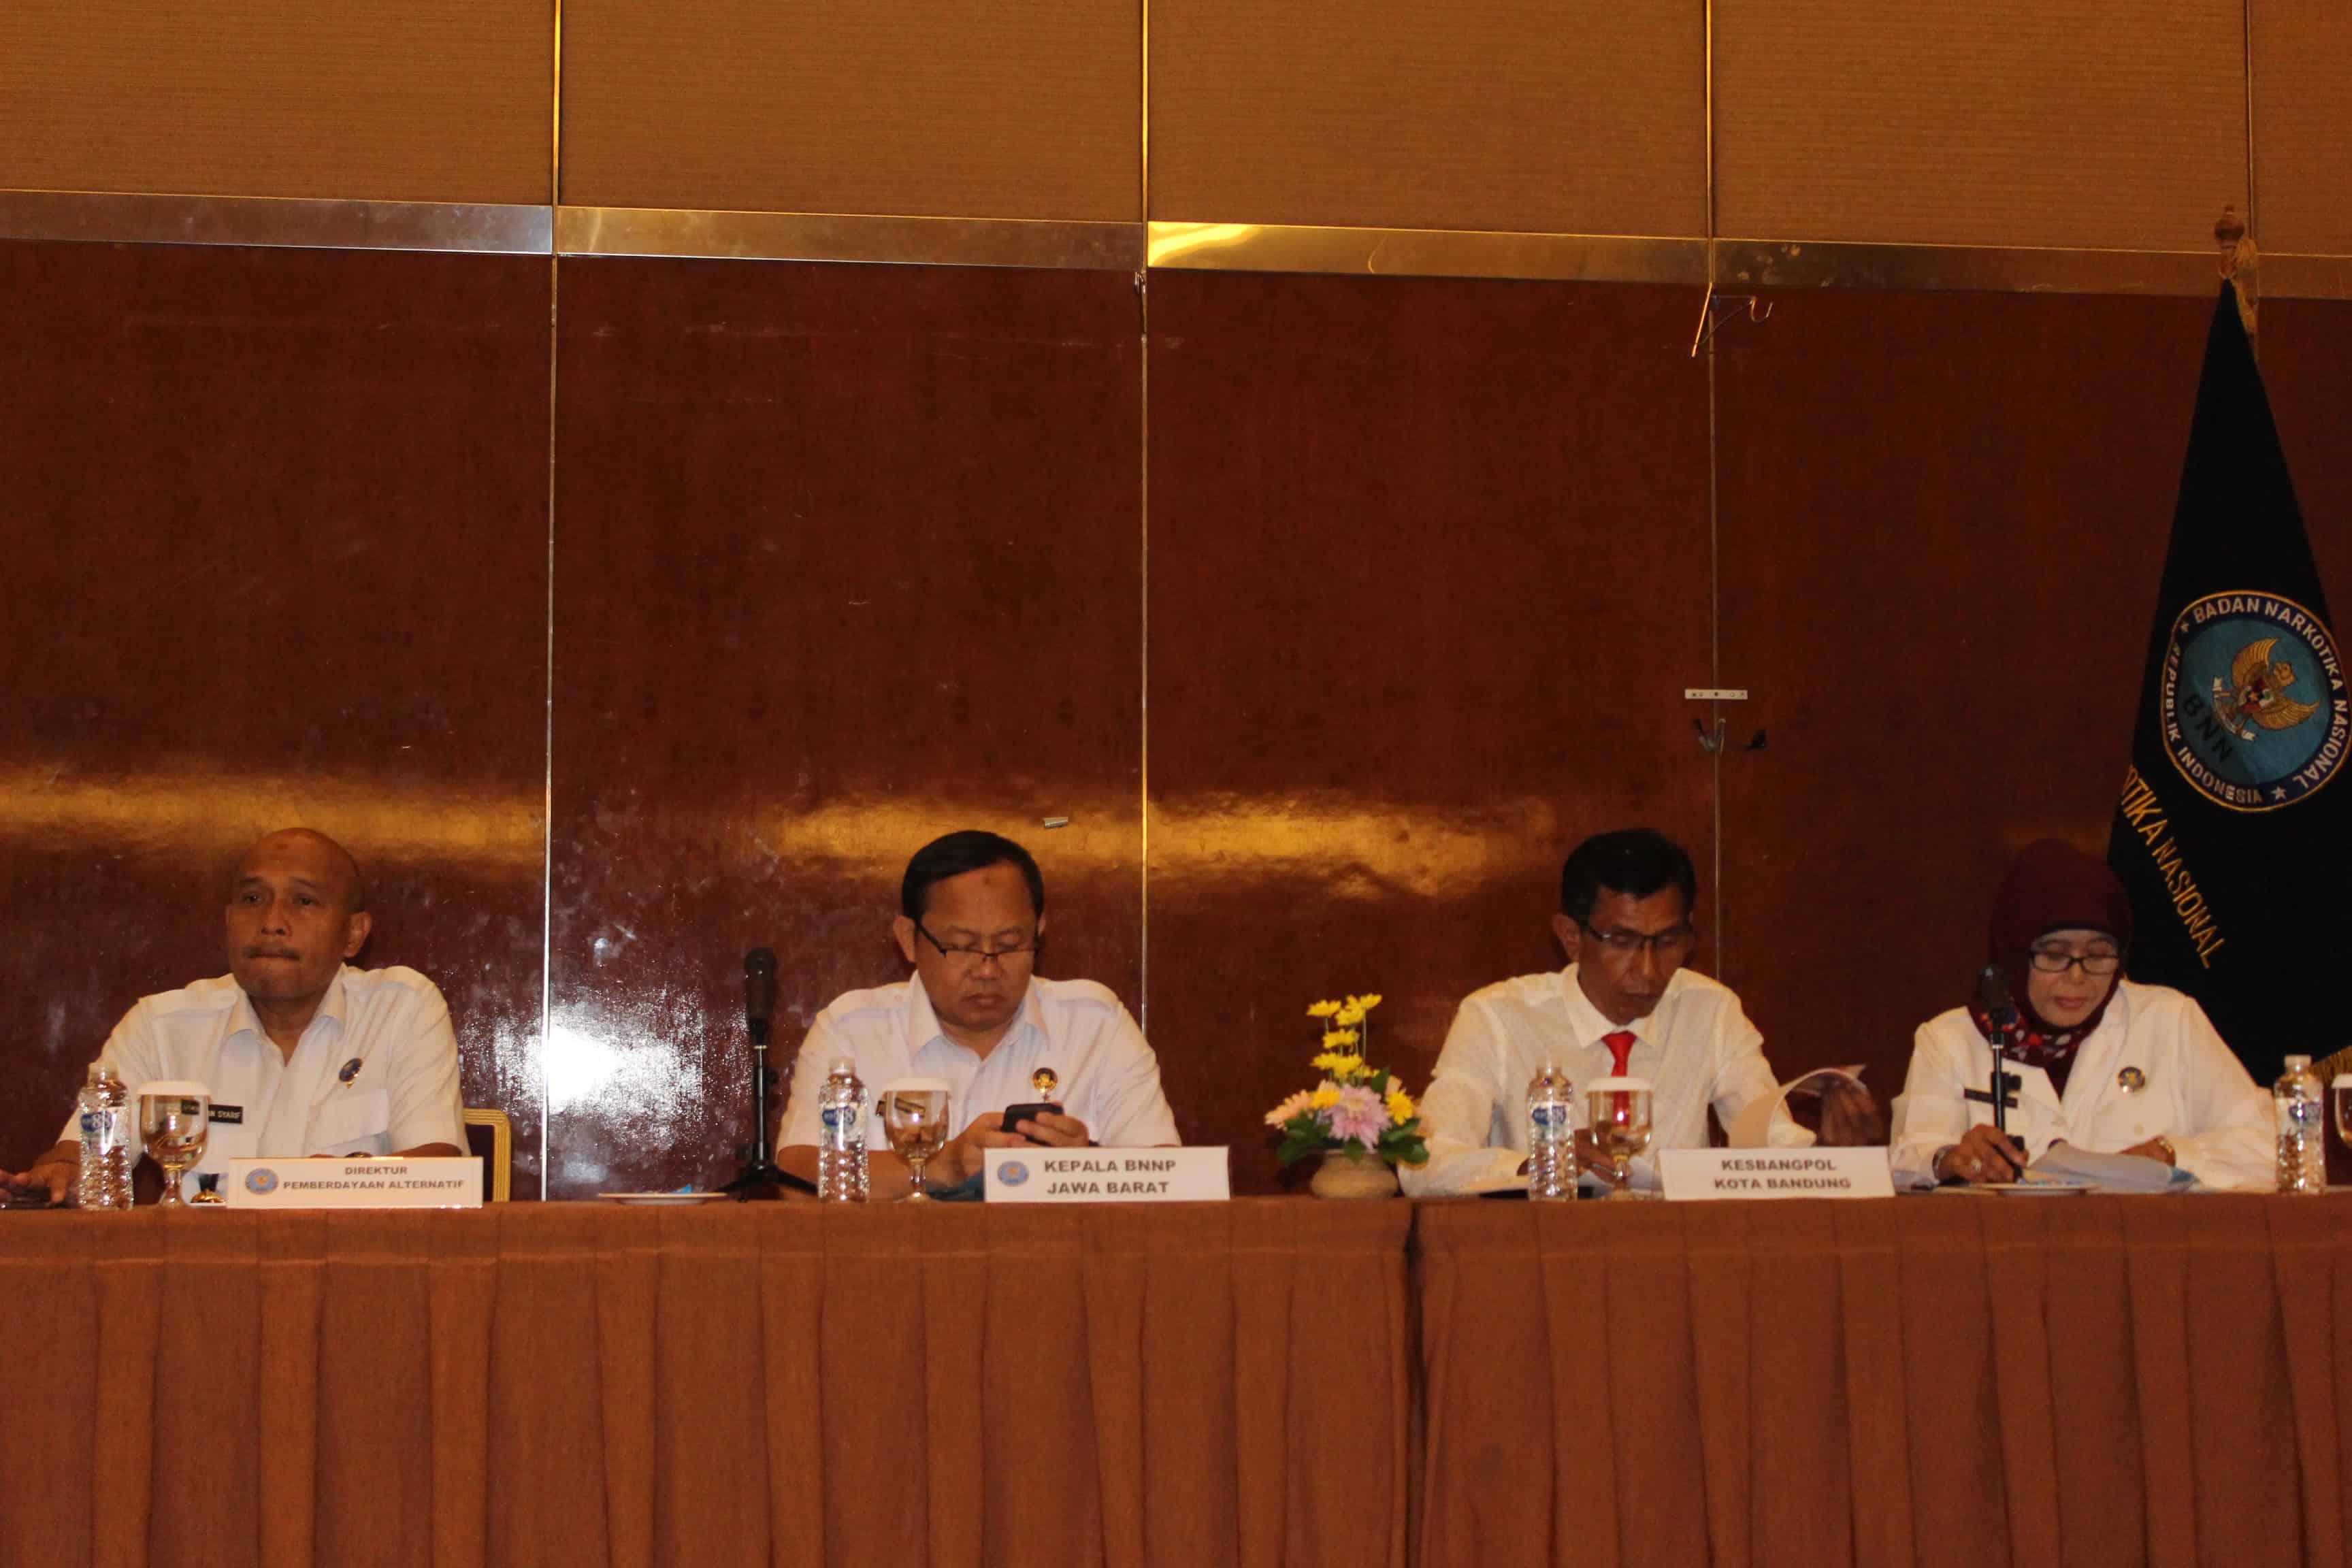 Direktorat Pemberdayaan Alternatif BNN Melaksanakan Kegiatan Raker di Provinsi Jawa Barat